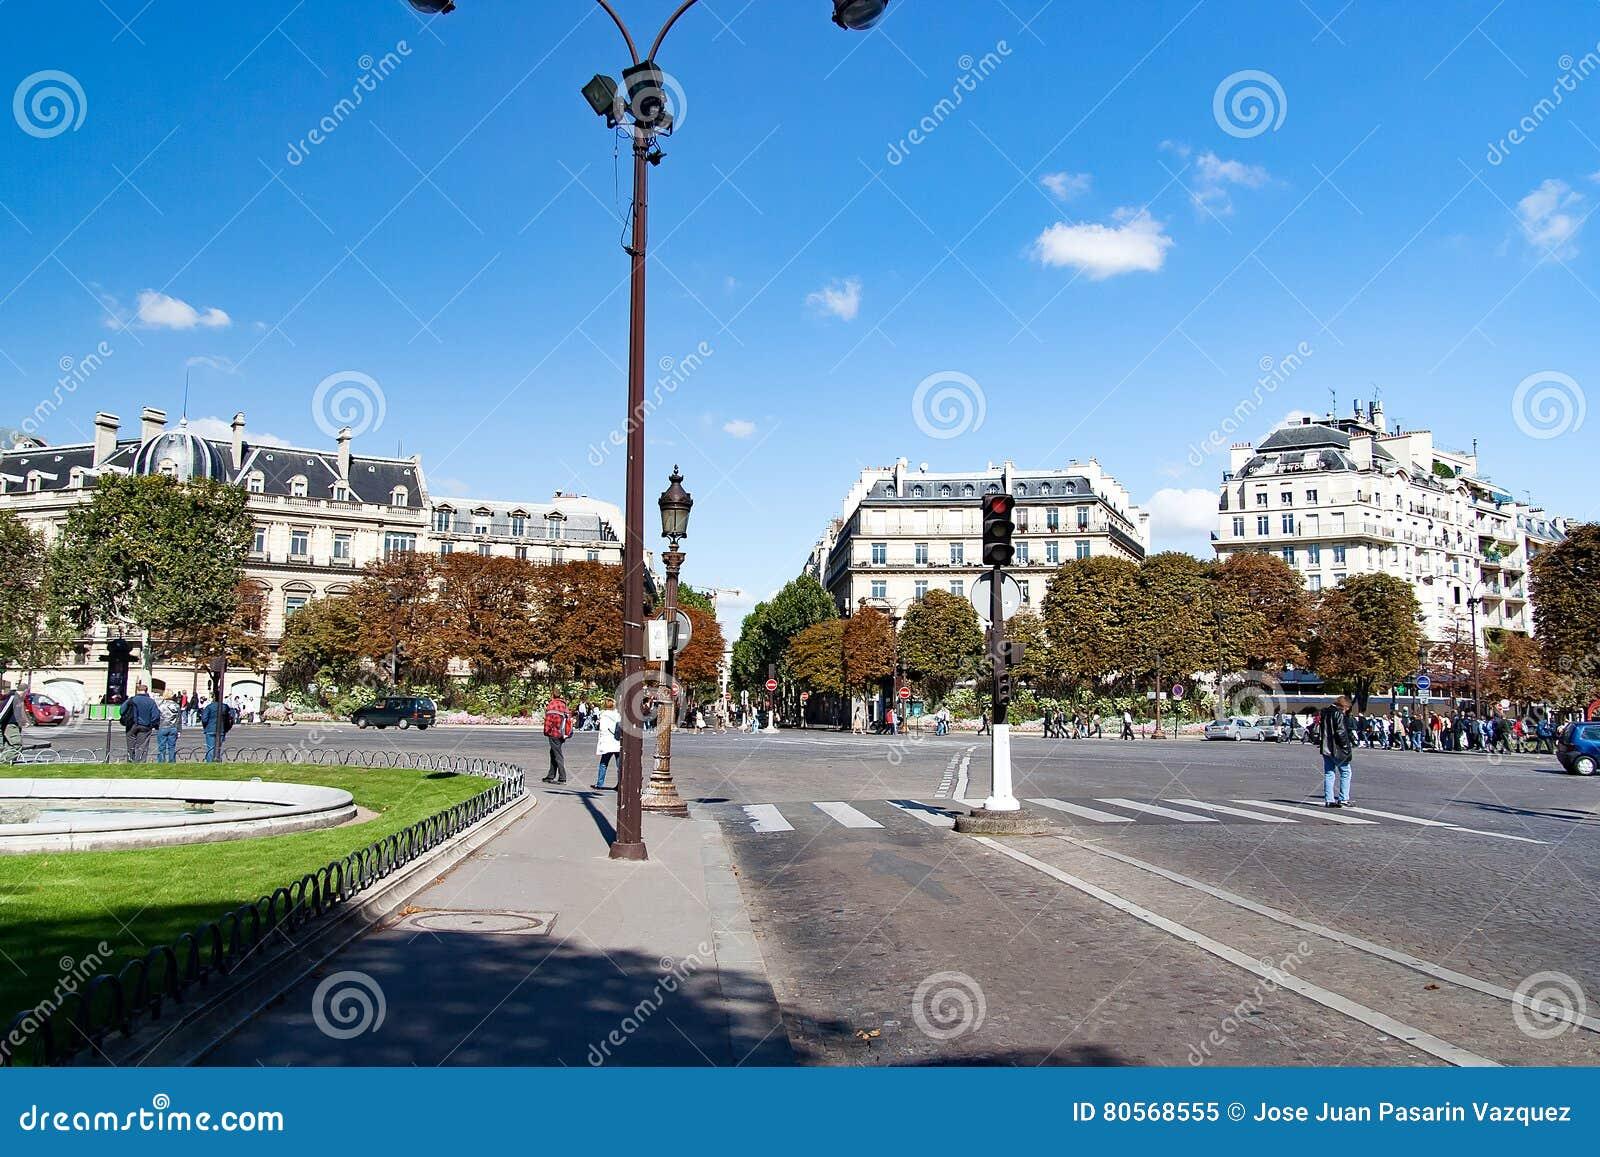 Beroemde Mensen In Parijs.Meningen Van Gebouwen Monumenten En Beroemde Plaatsen In Parijs